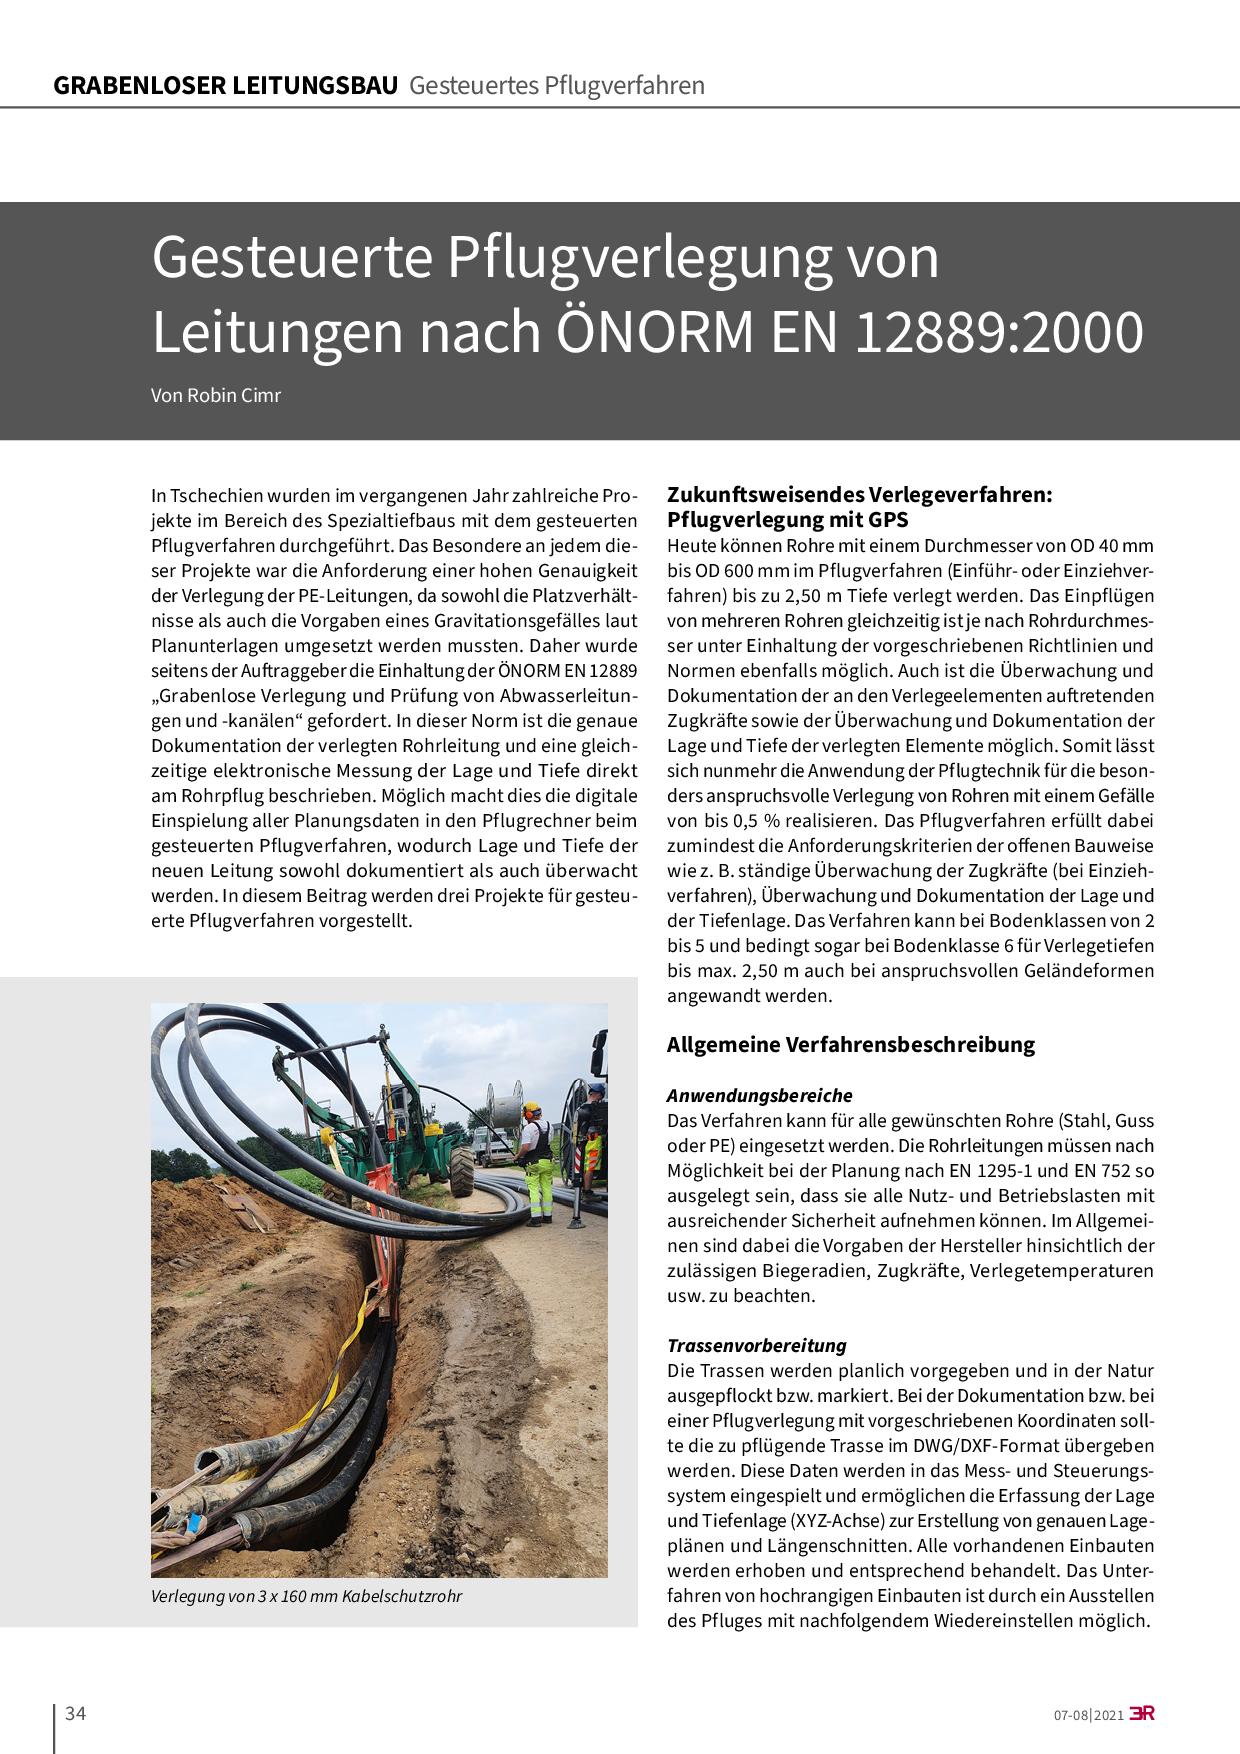 Gesteuerte Pflugverlegung von Leitungen nach ÖNORM EN 12889:2000